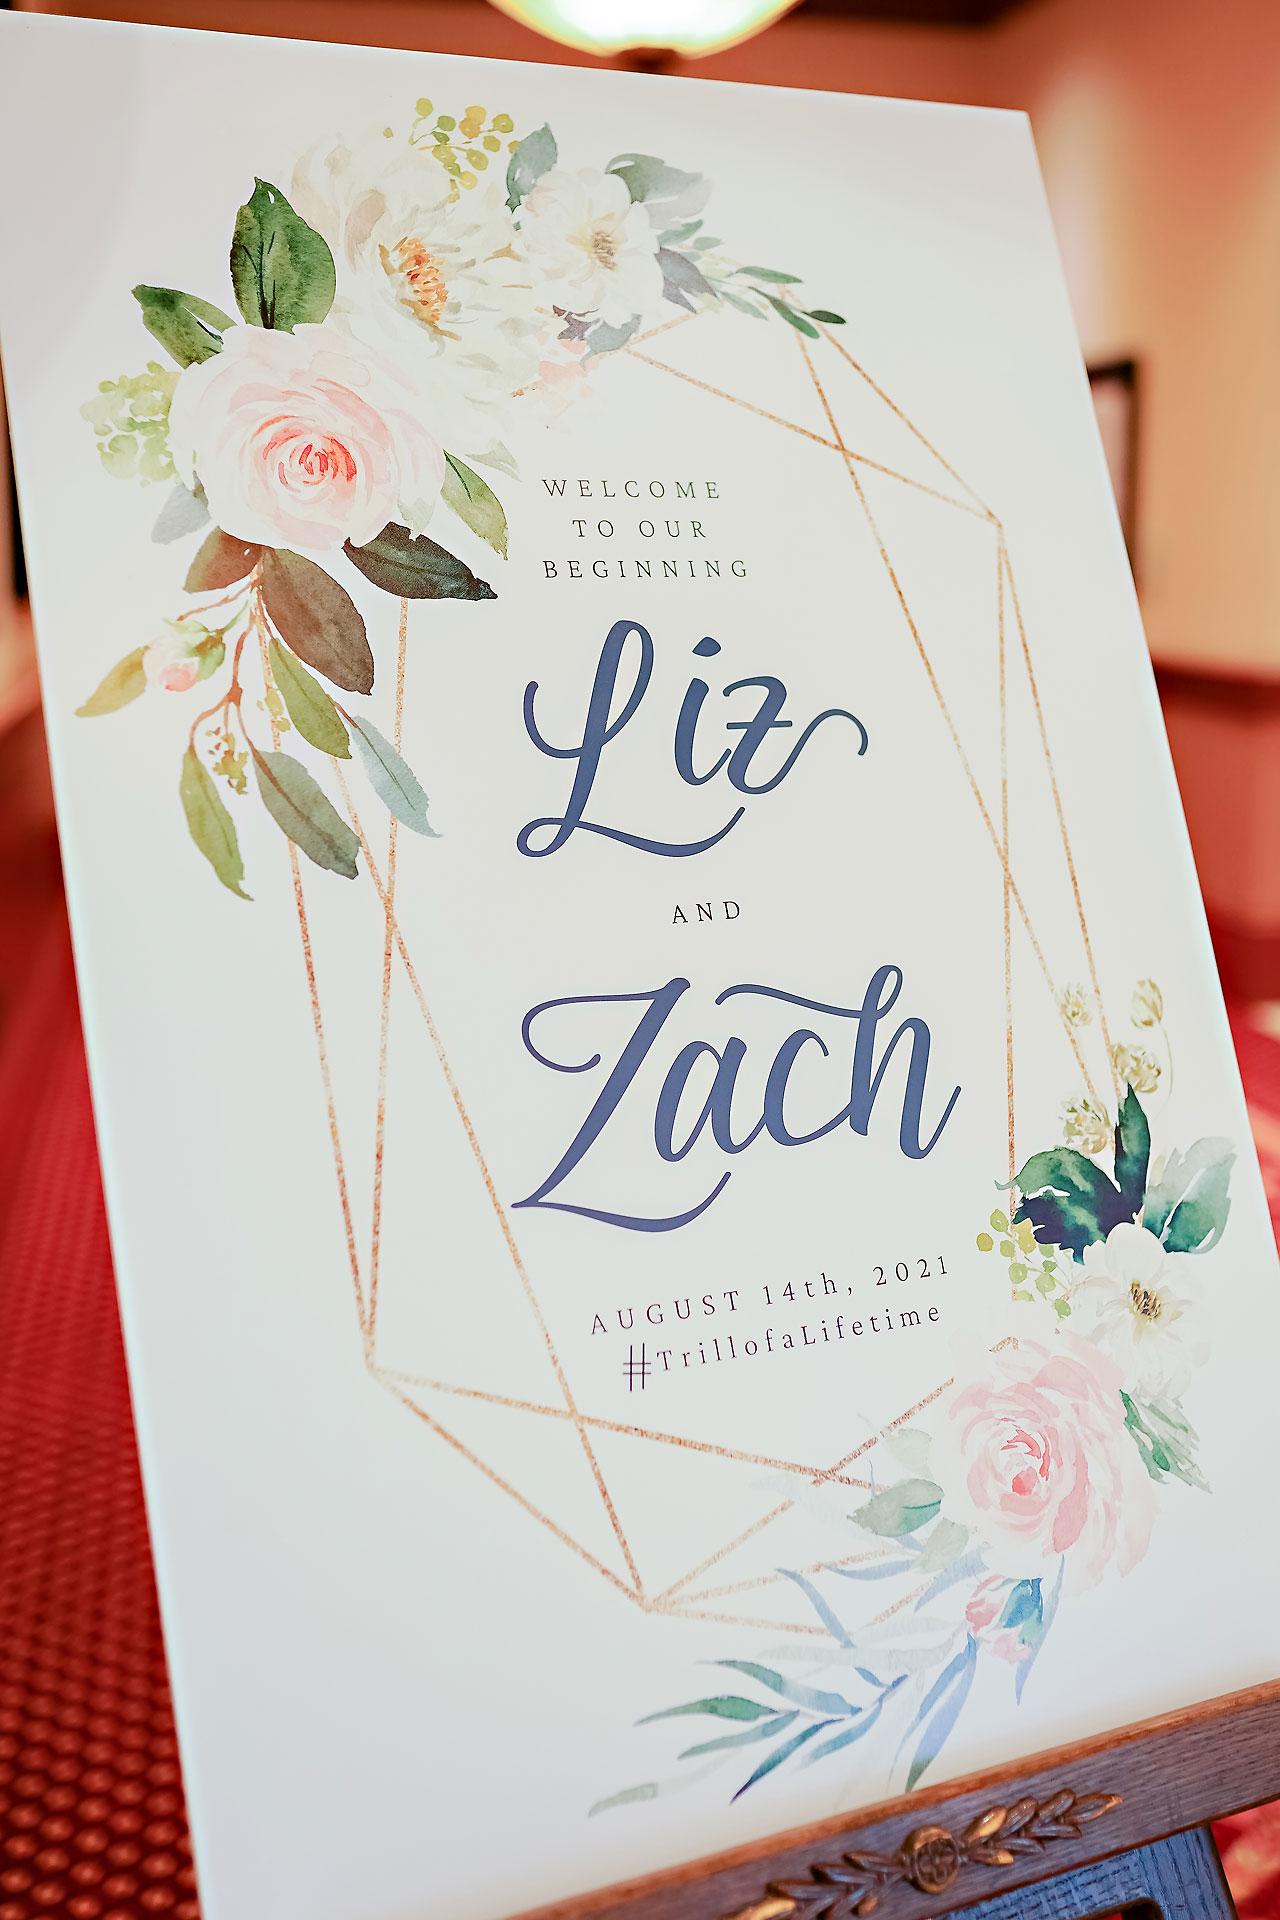 Liz Zach Conrad Artsgarden Indianapolis Wedding 181